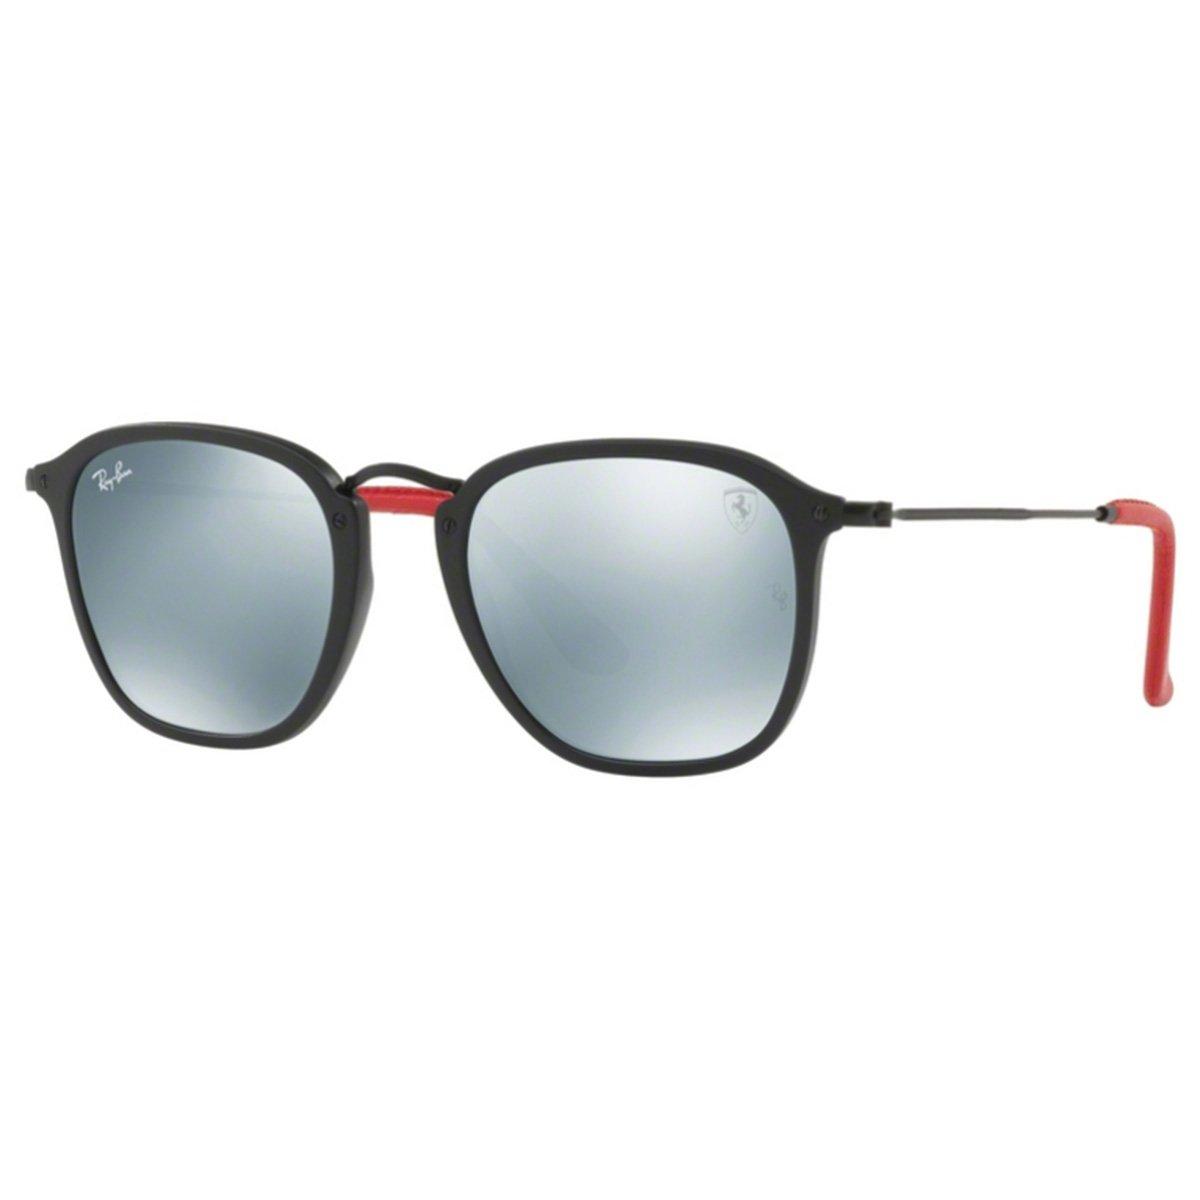 d071ddd23a8e8 Compre Óculos de Sol Ray Ban Ferrari em 10X   Tri-Jóia Shop